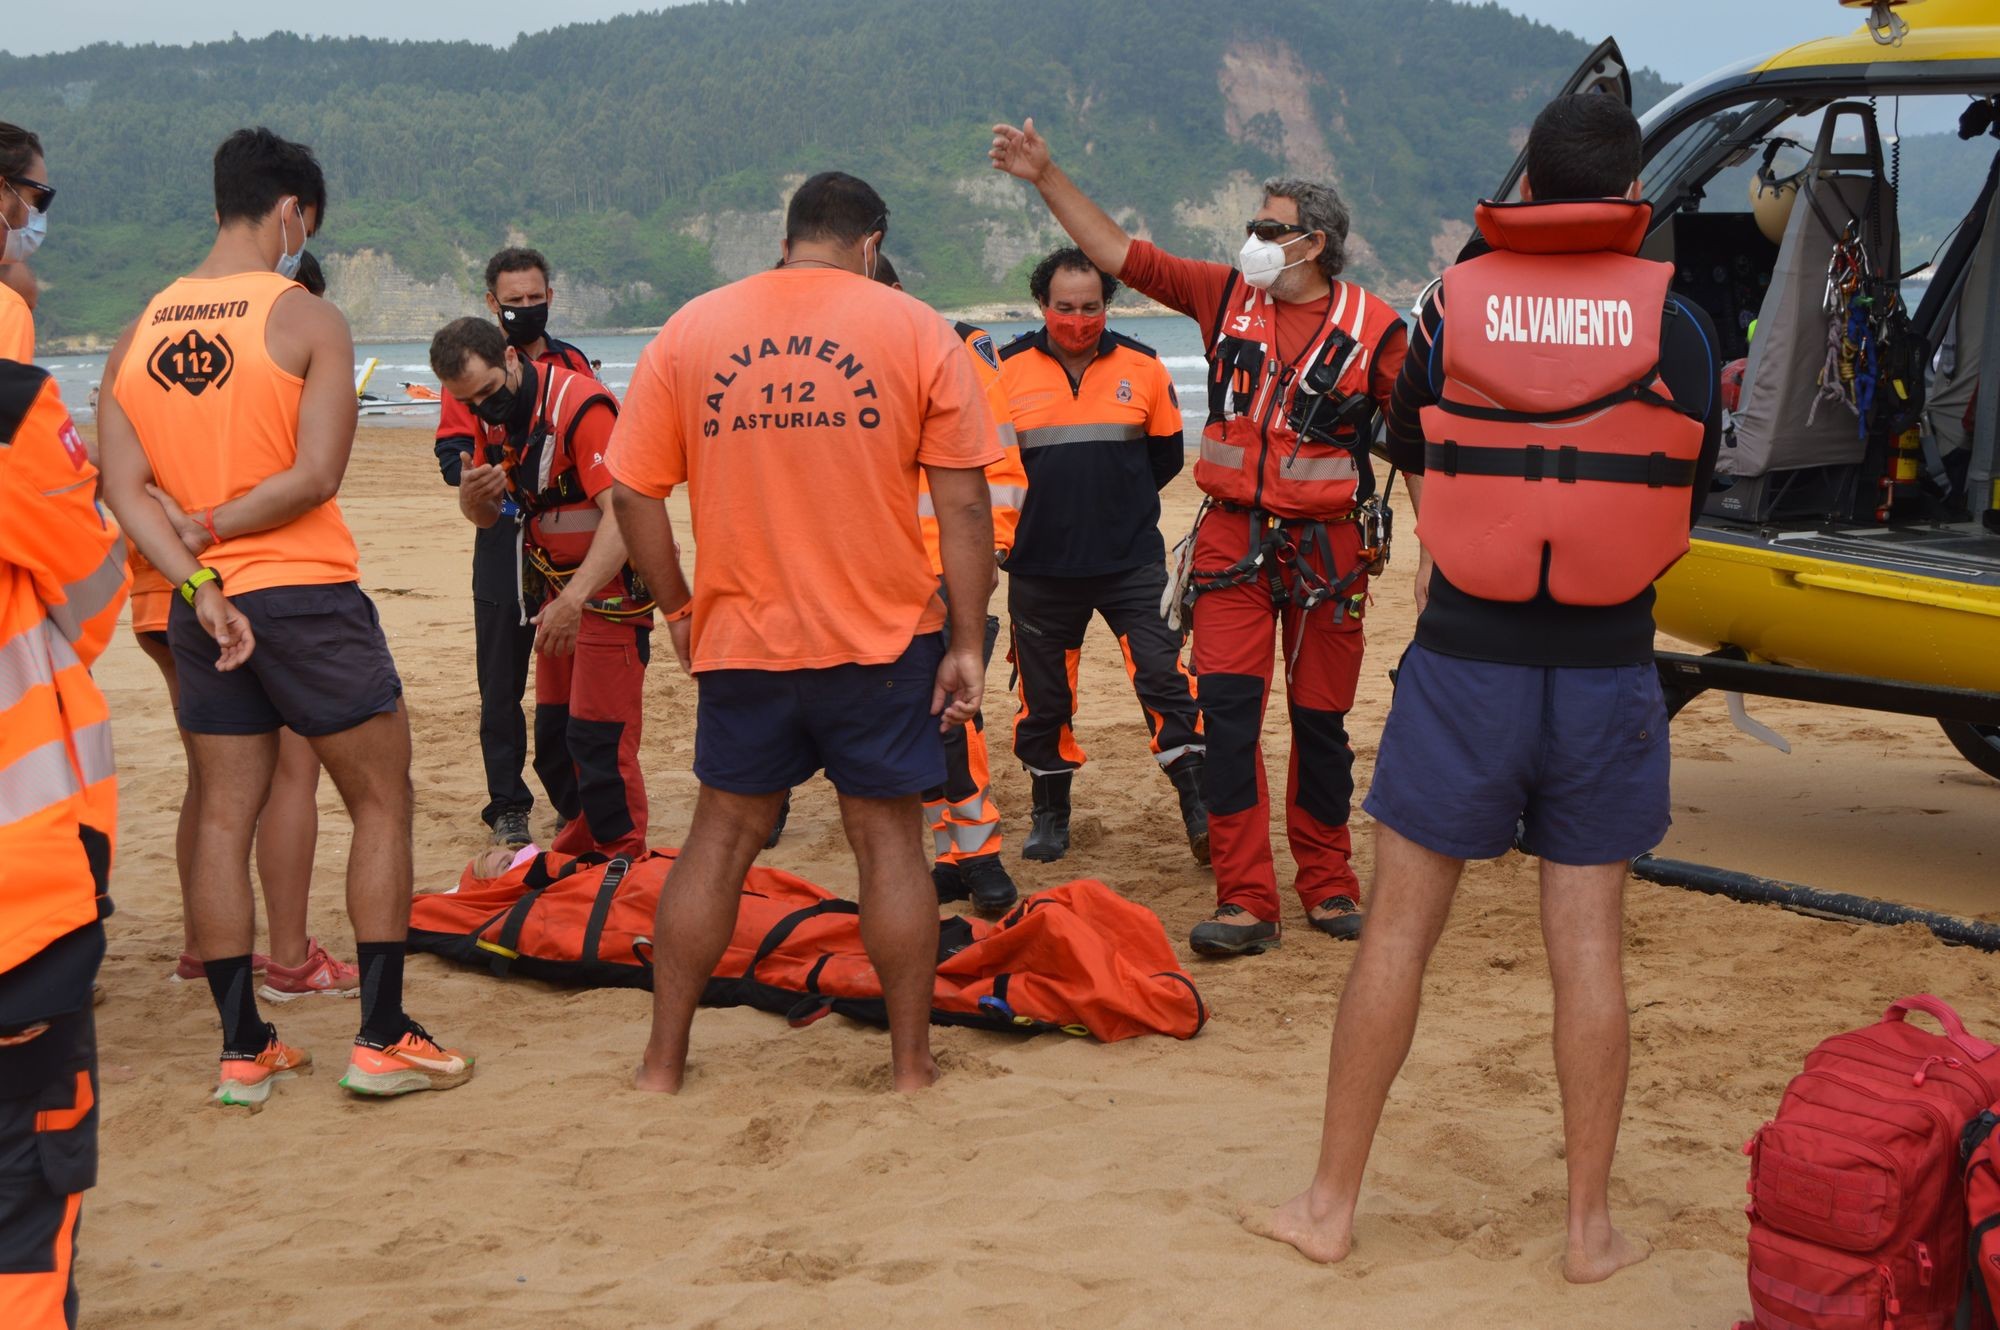 Así fue el simulacro de Salvamento en la playa de Rodiles